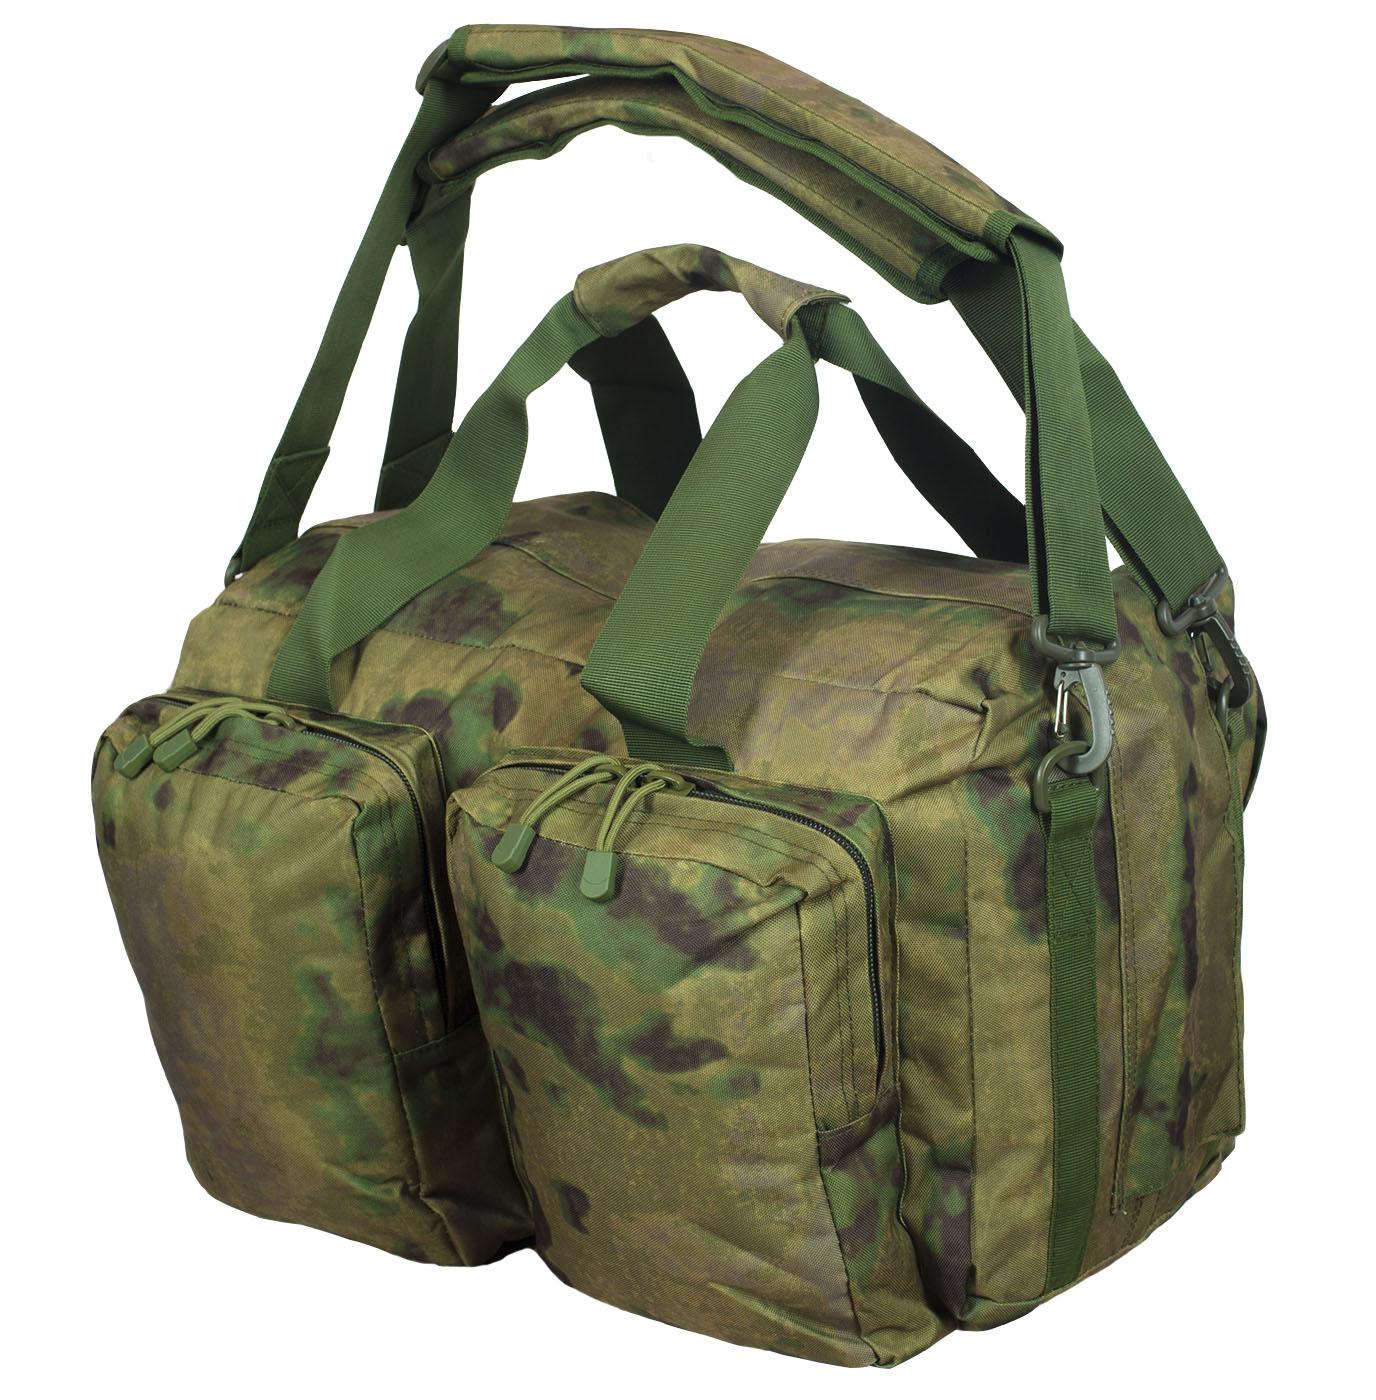 Заплечная камуфляжная сумка с нашивкой Ни пуха, Ни пера - купить в подарок